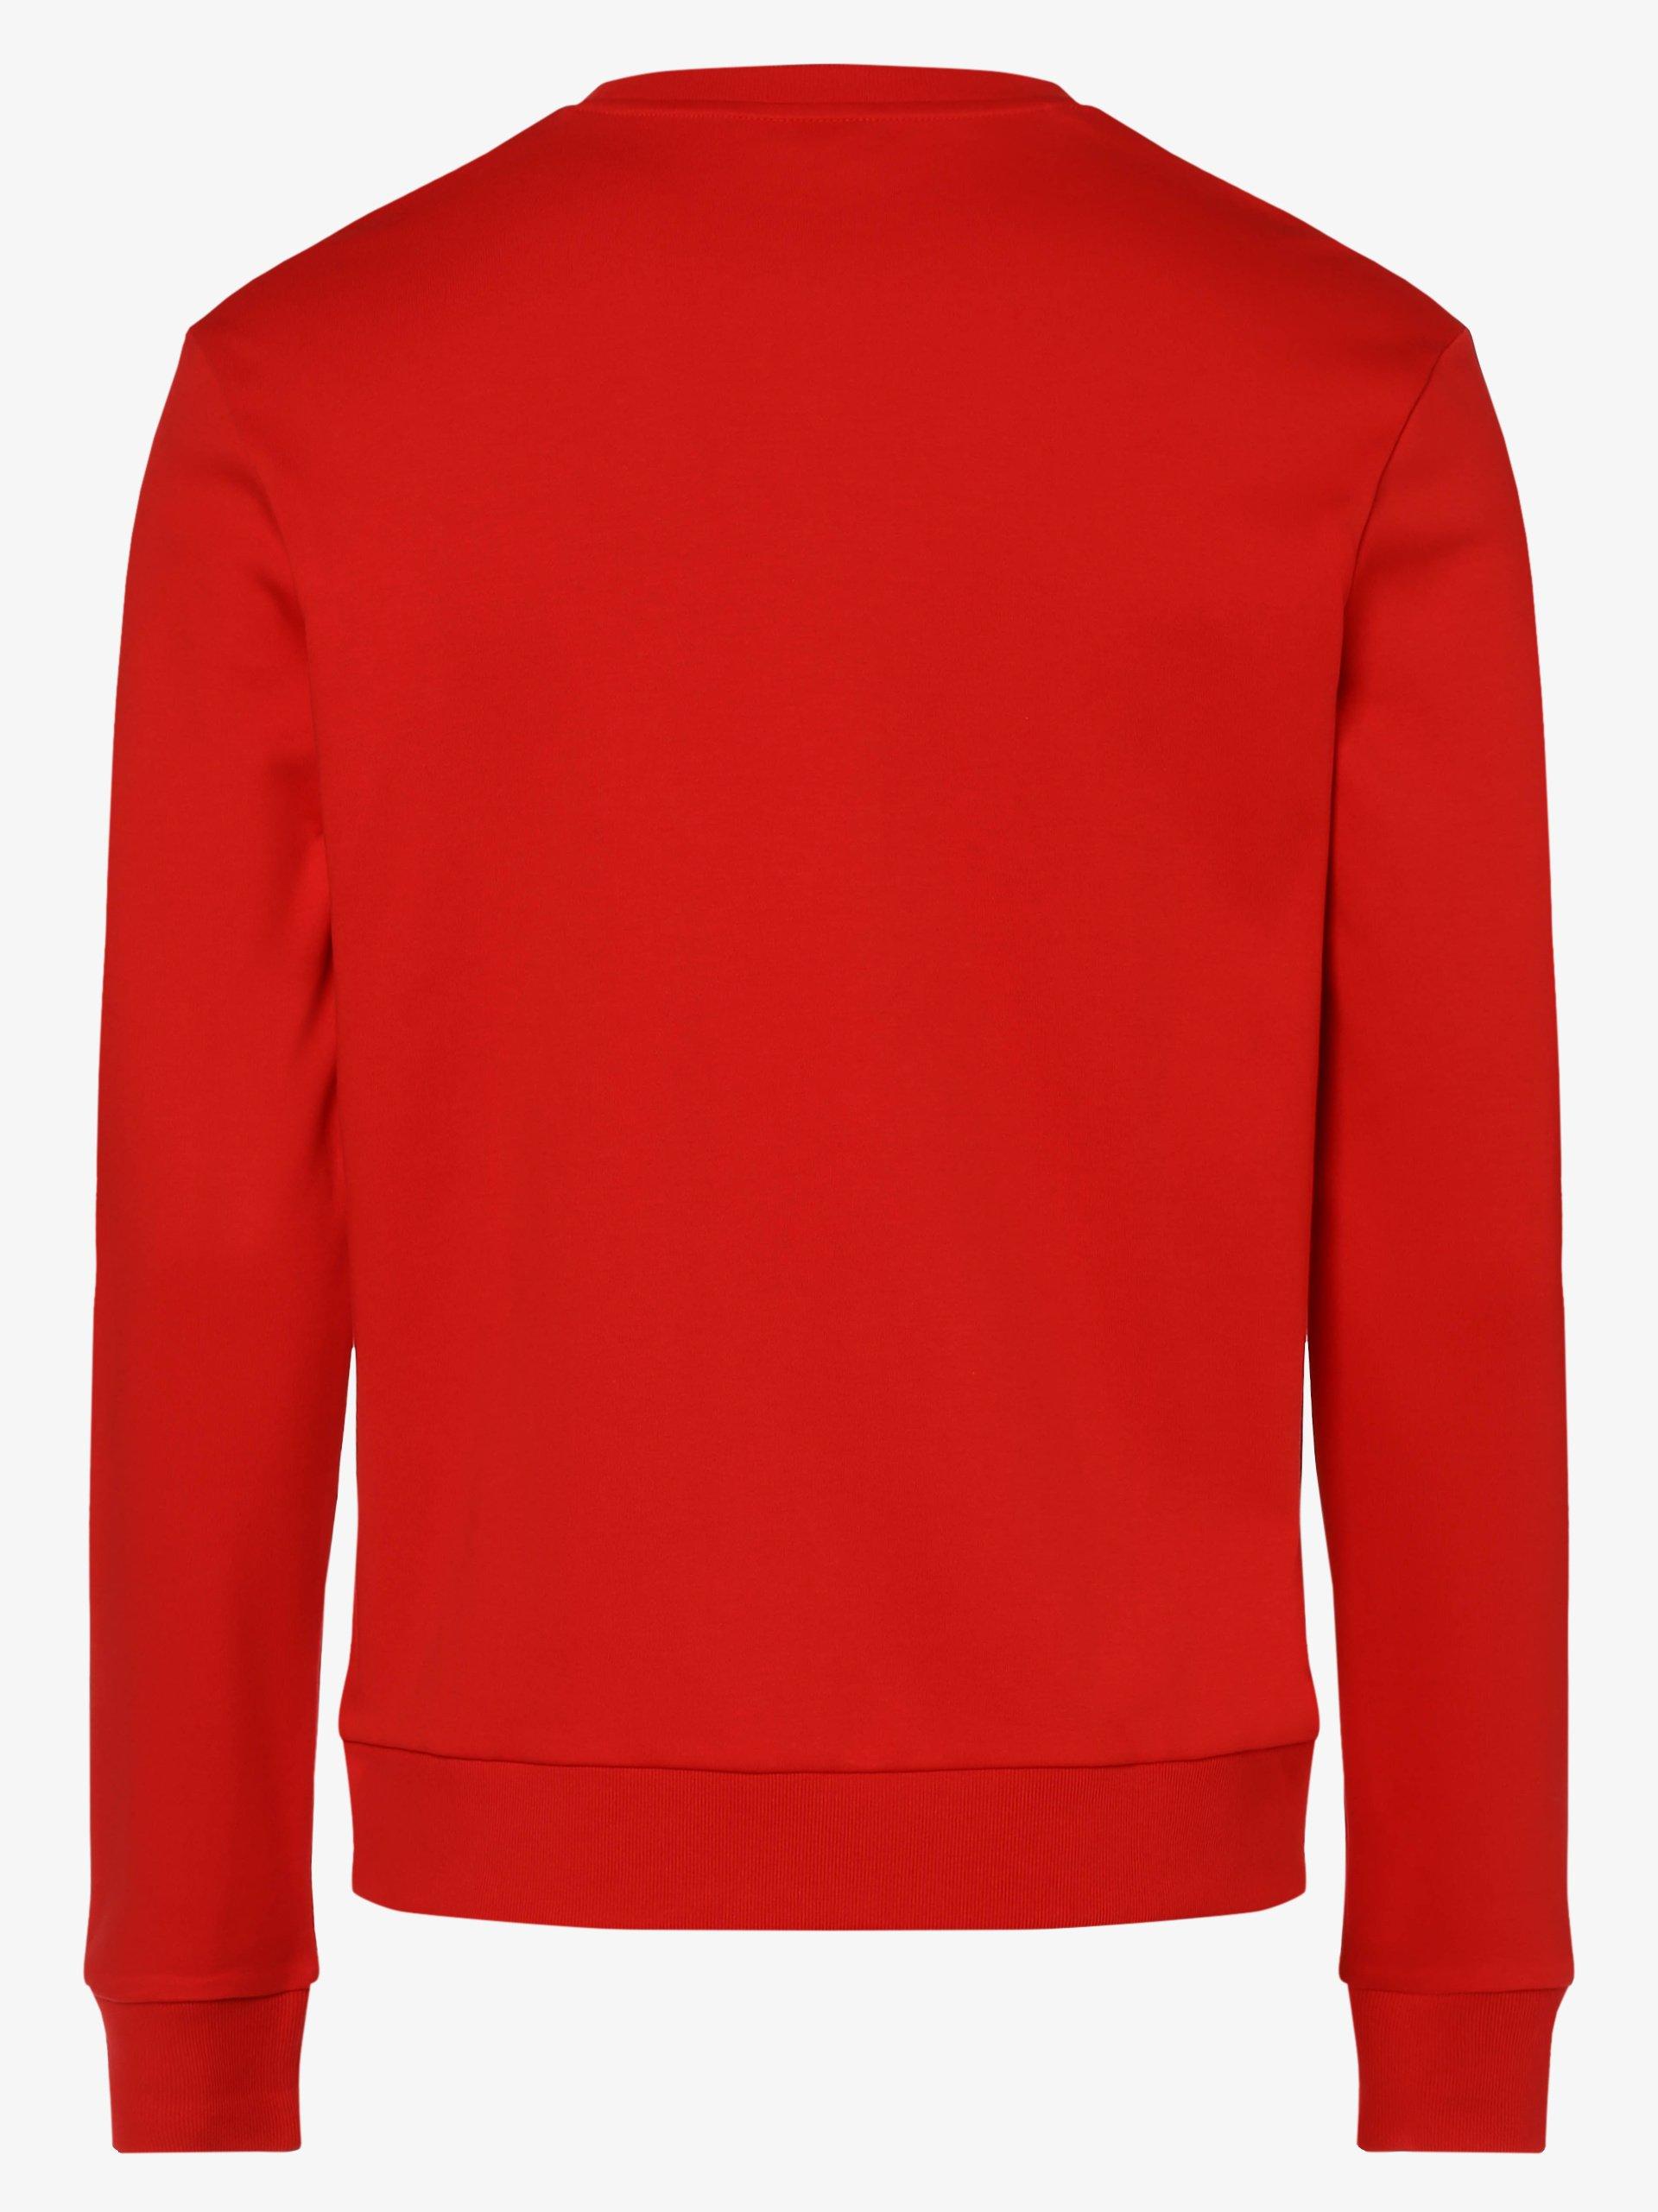 HUGO Herren Sweatshirt - Dicago149